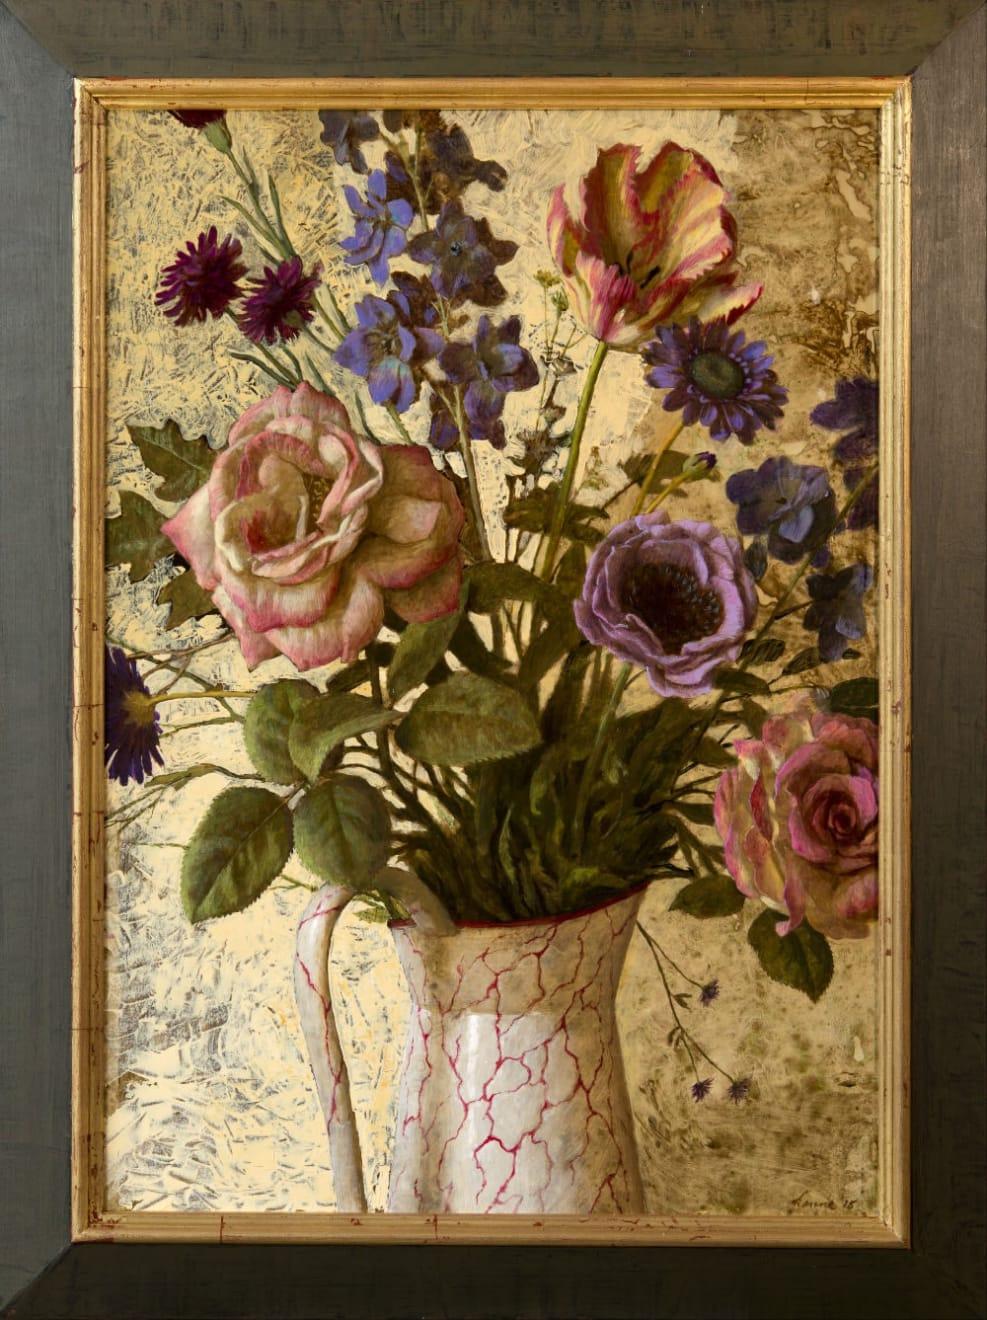 Kenne Grégoire - Bloemstilleven - 2016 - acryl op paneel - 85 × 56 cm